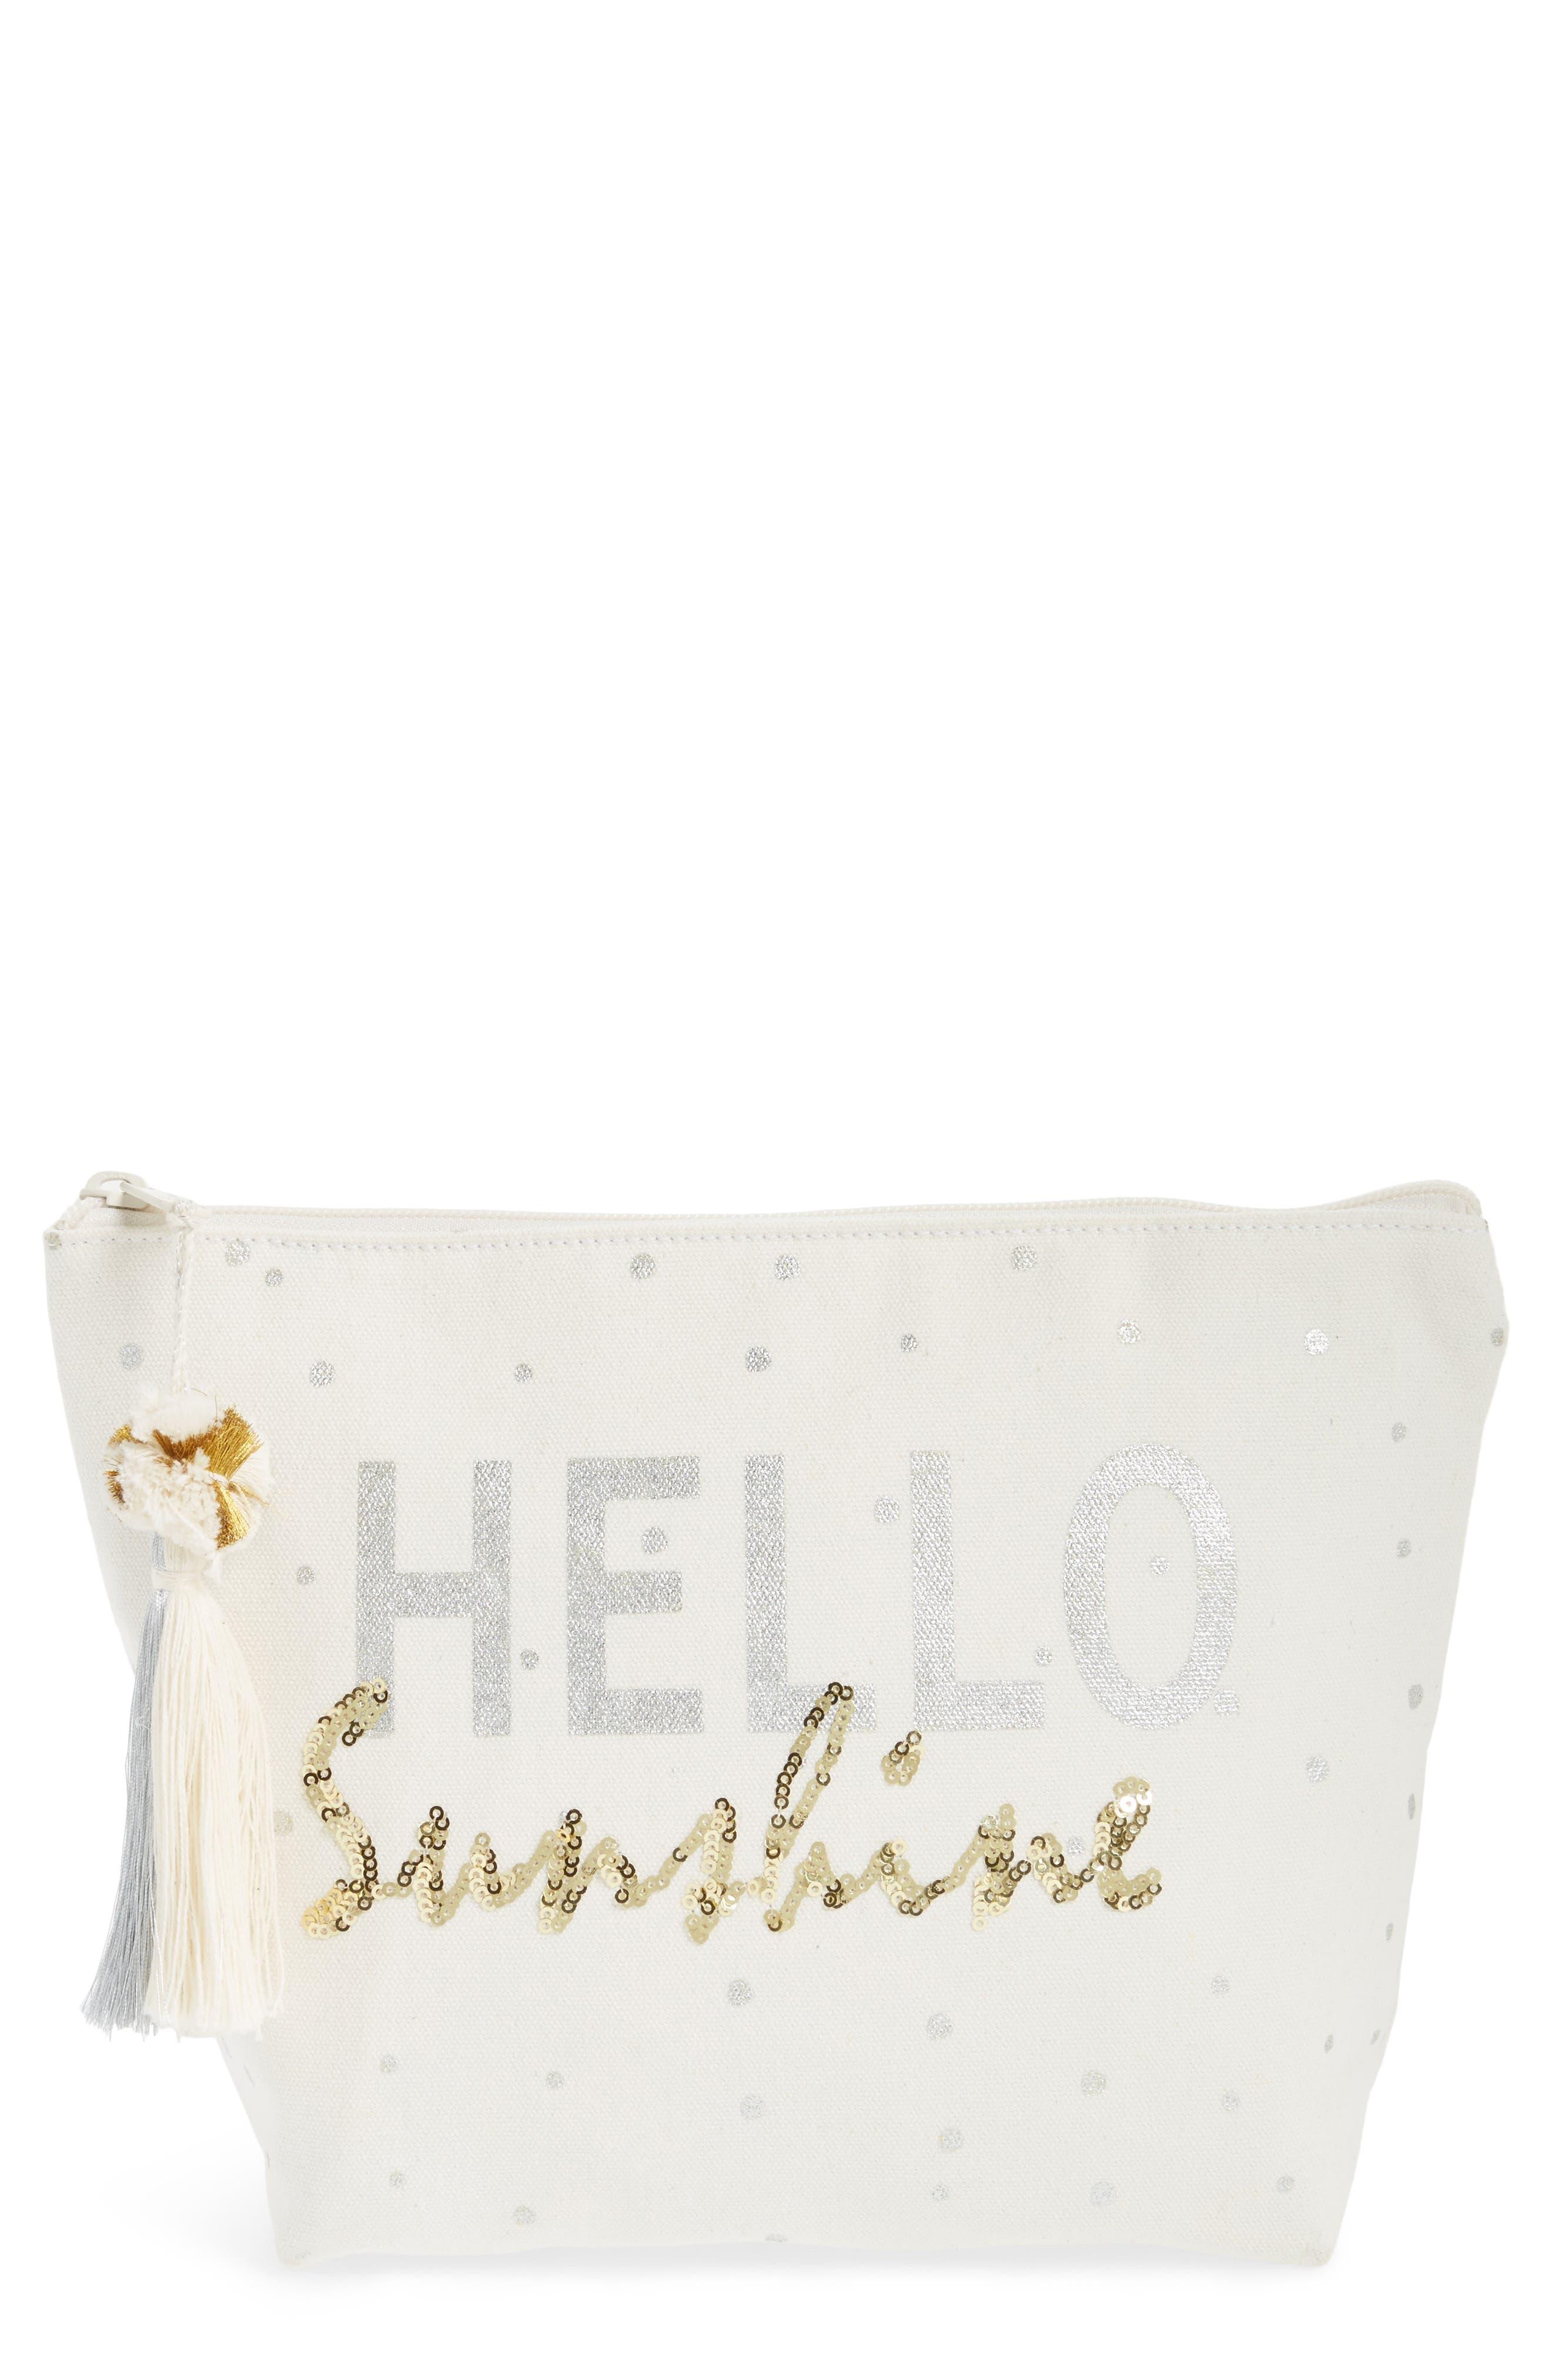 Hello Sunshine Sequin Cosmetic Pouch,                         Main,                         color, Multi